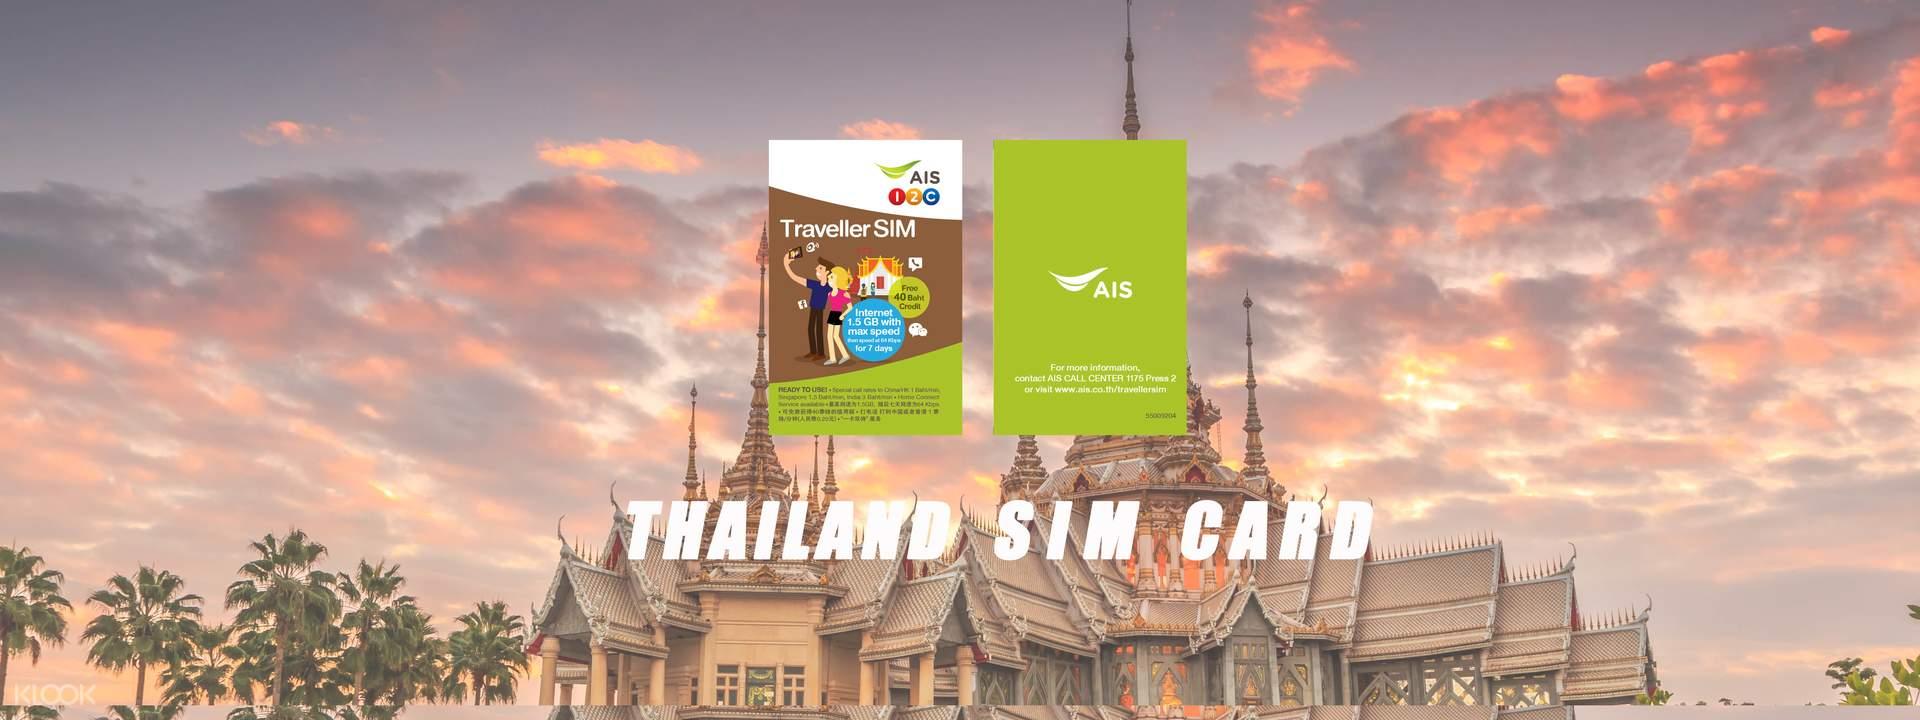 Thailand SIM Card - BANGKOK | Klook Travel